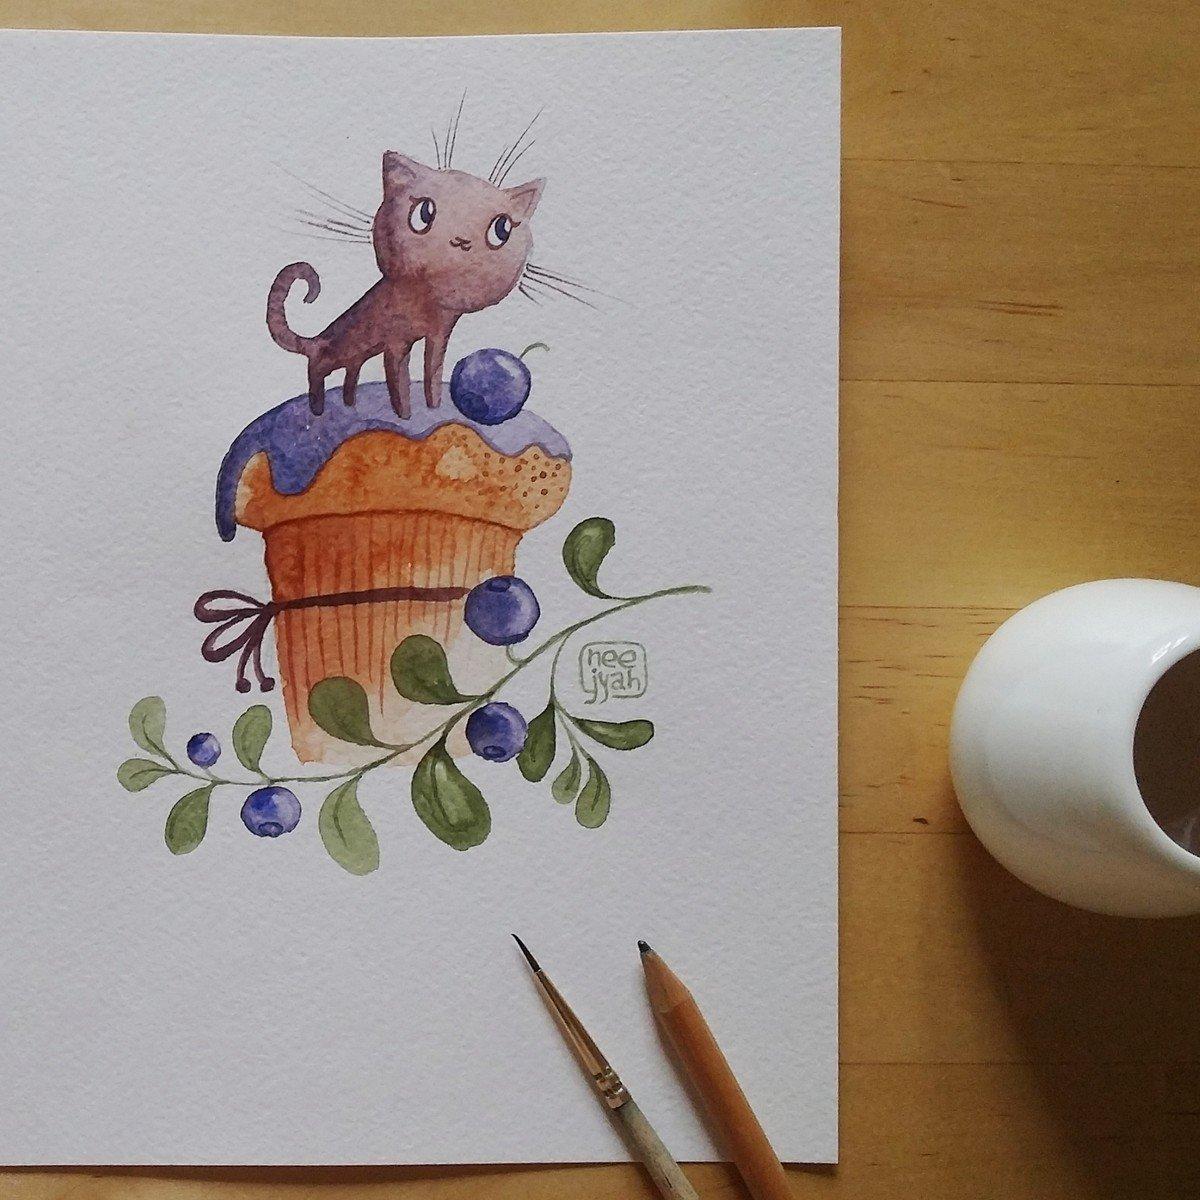 хочется рисуем рисунки для открытки предлагаем купить искусственную